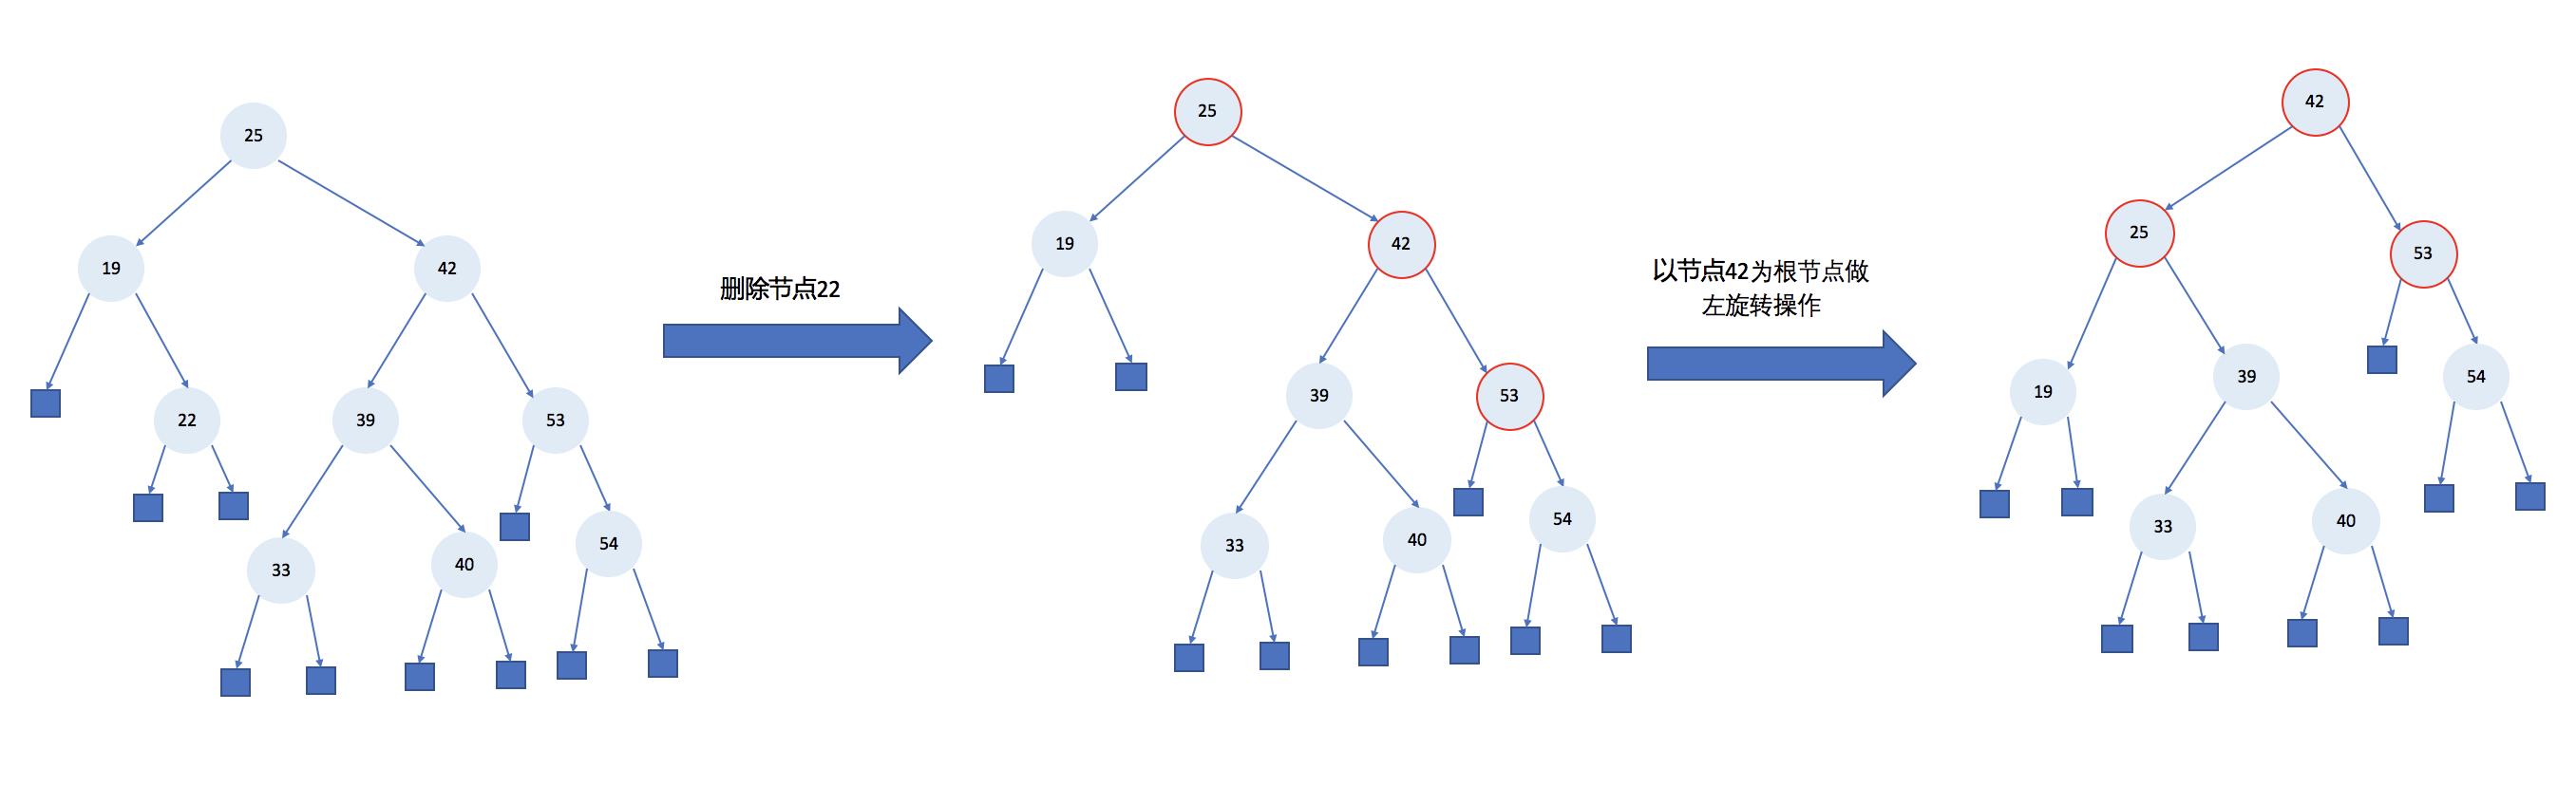 删除之后进行重构流程图.png